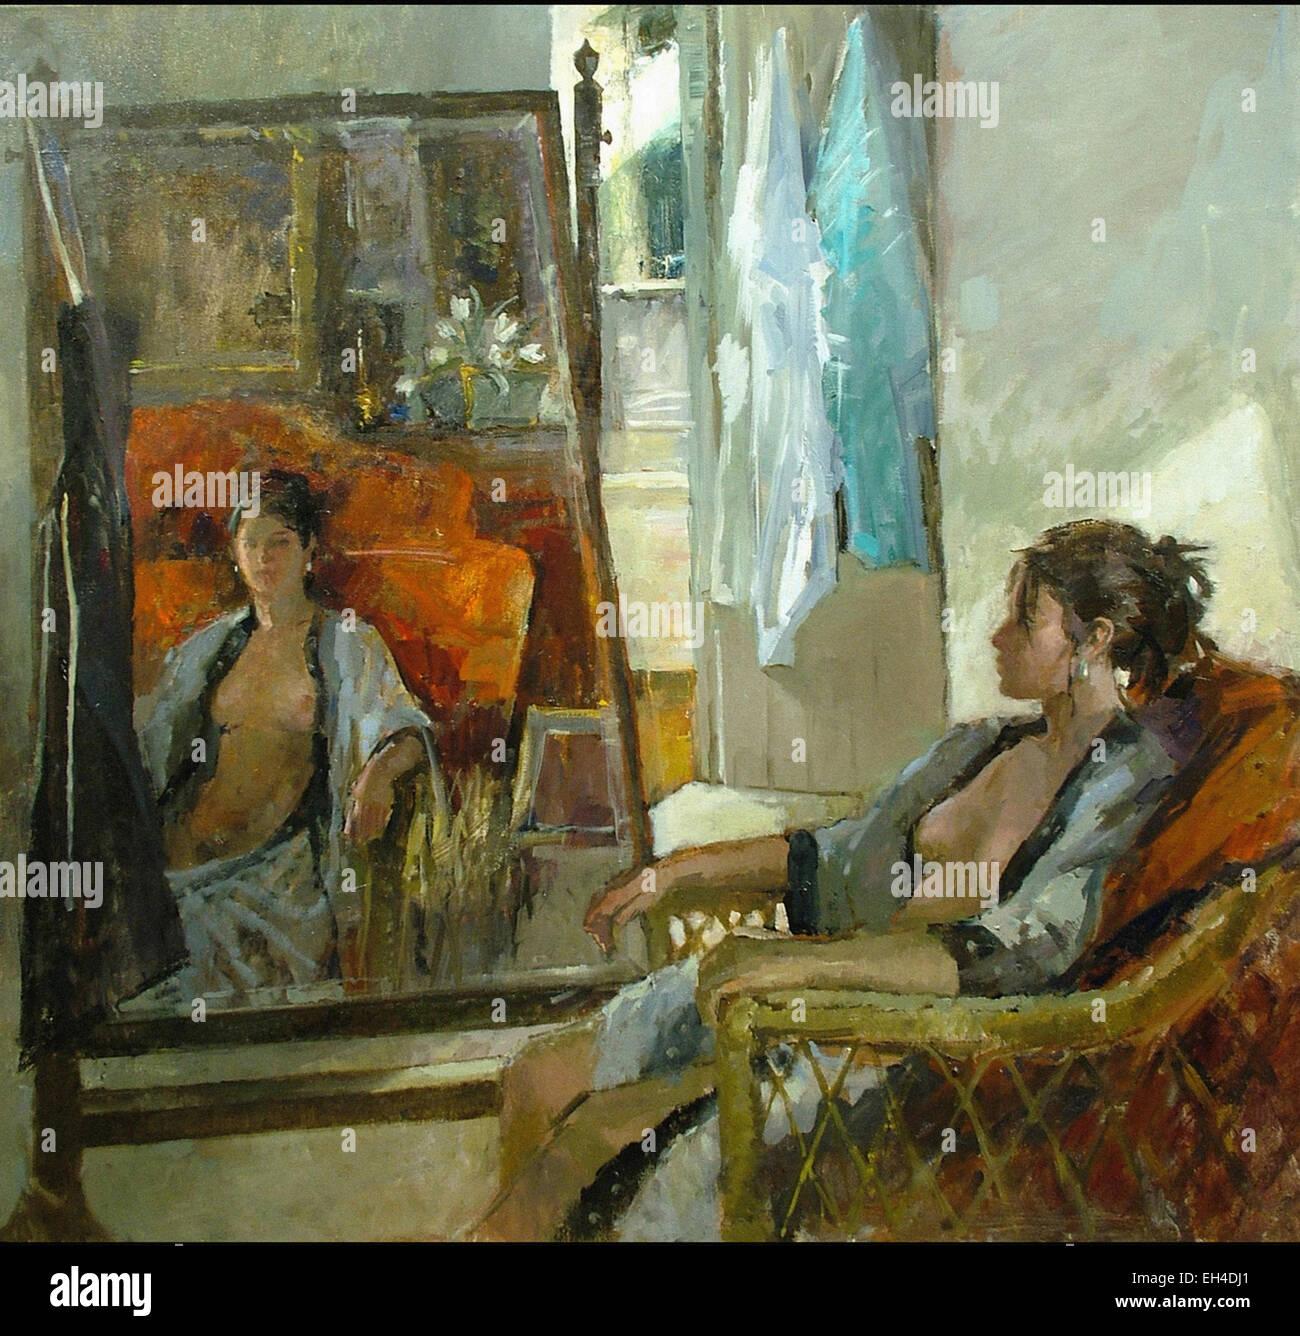 Jane Corsellis  Reflection II - Stock Image